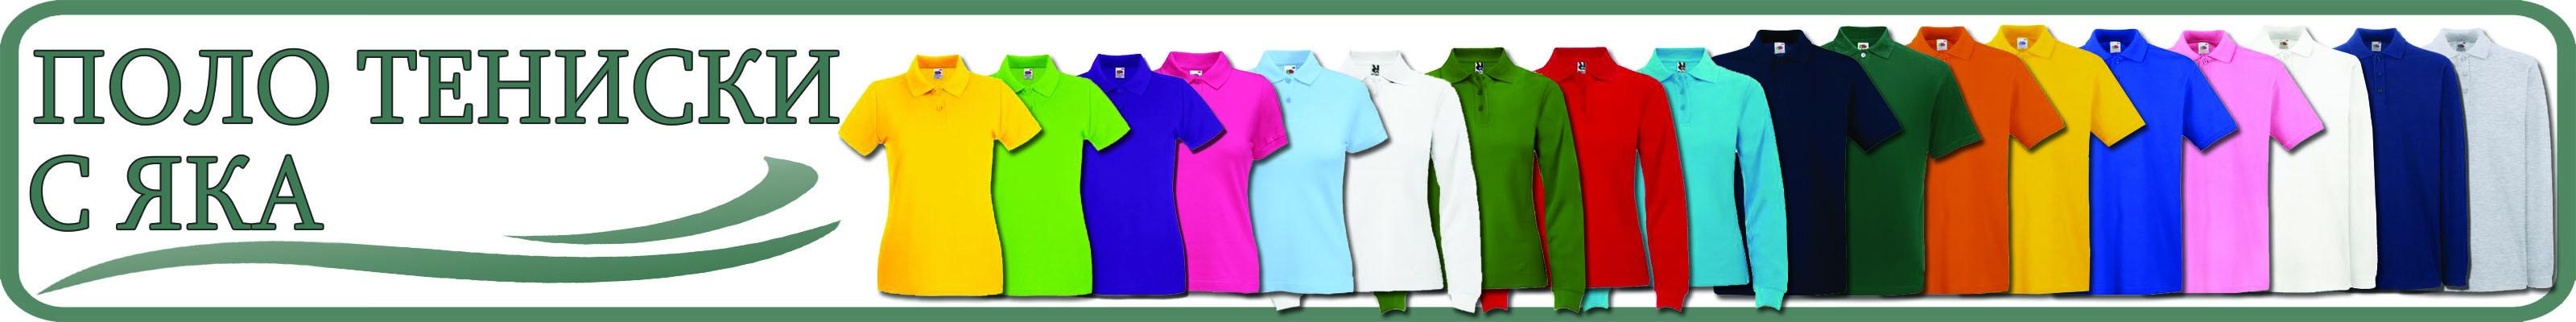 2b65a5e8516 Поло тениски/С яка - Тениски, Суитчъри, Потници, Блузи, Анцузи с ...